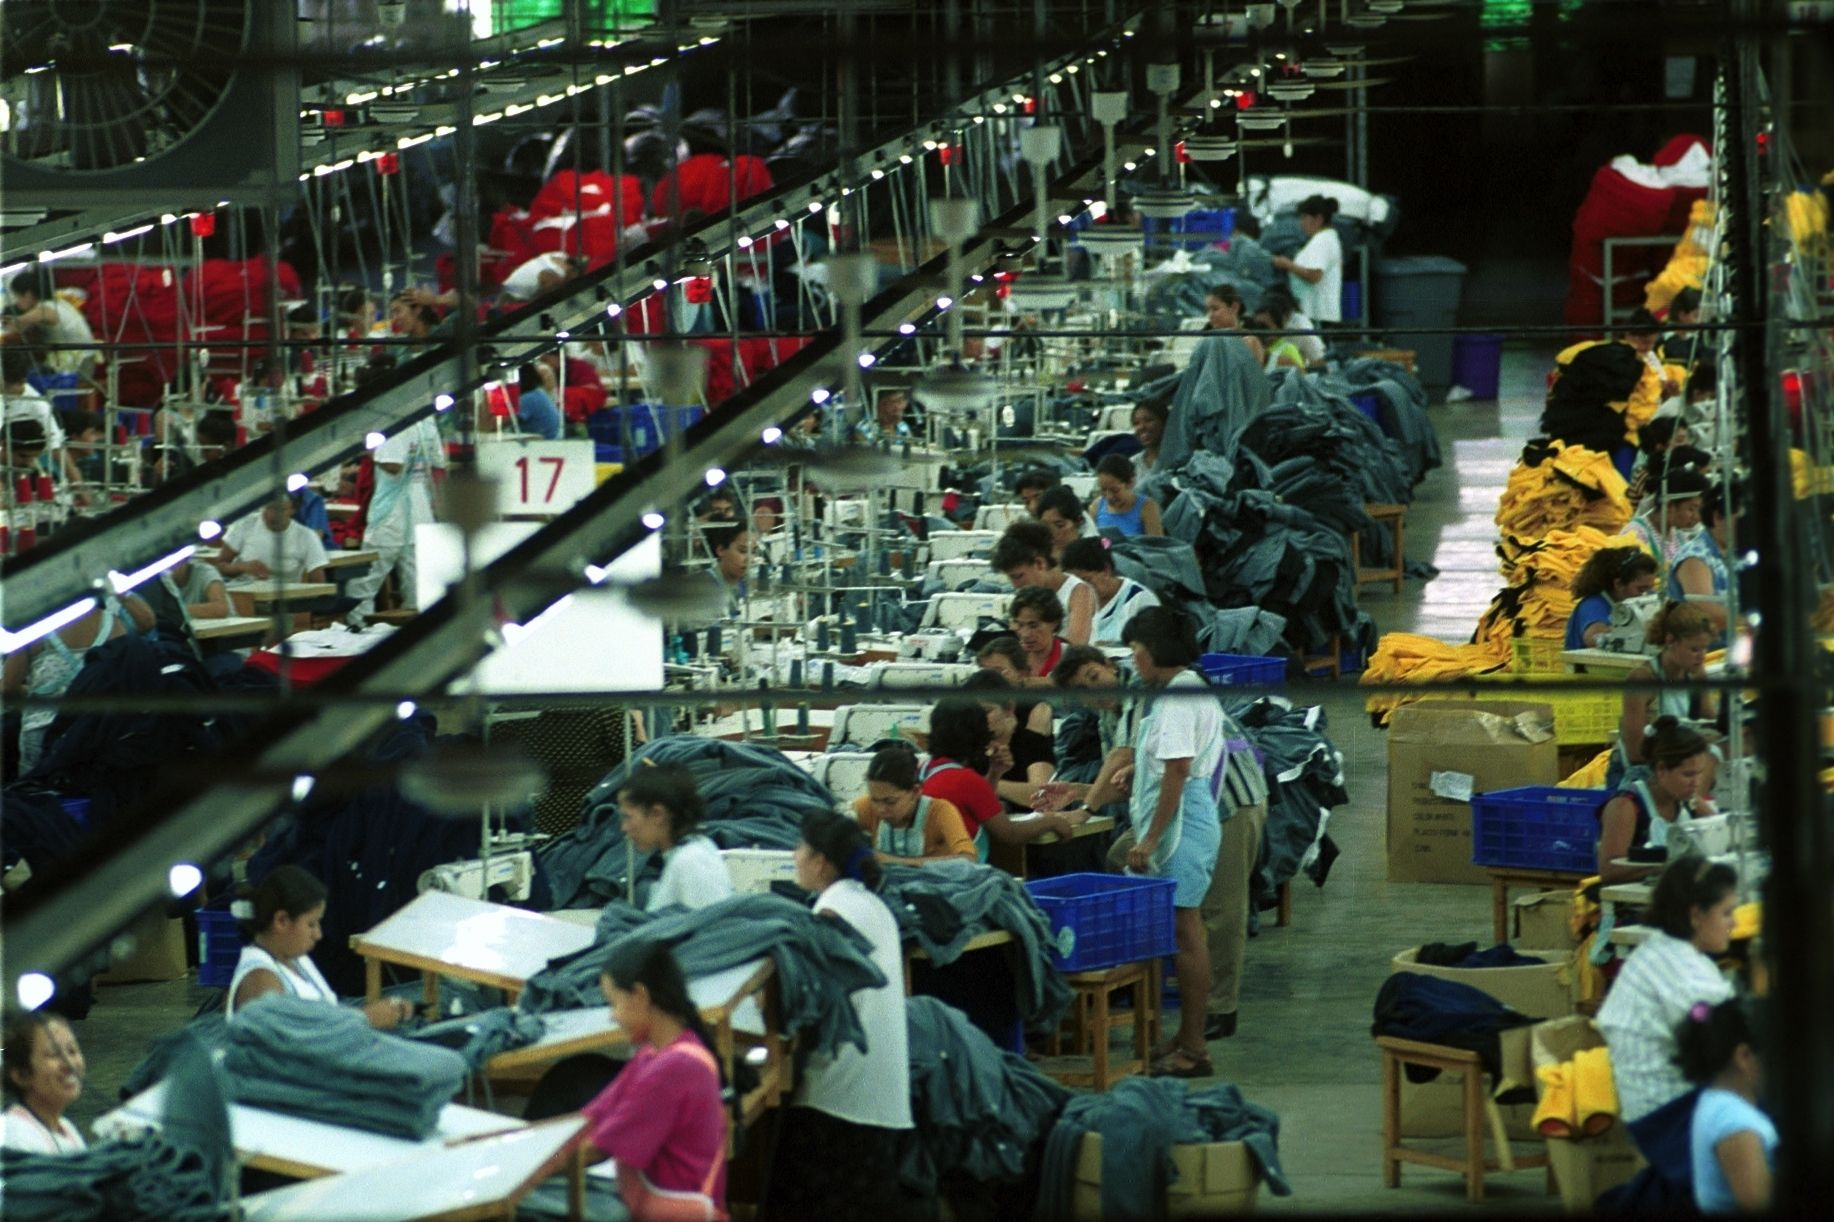 Einblick in eine Nähfabrik, in der Arbeteir*innen Tisch an Tisch Kleidung fertigen